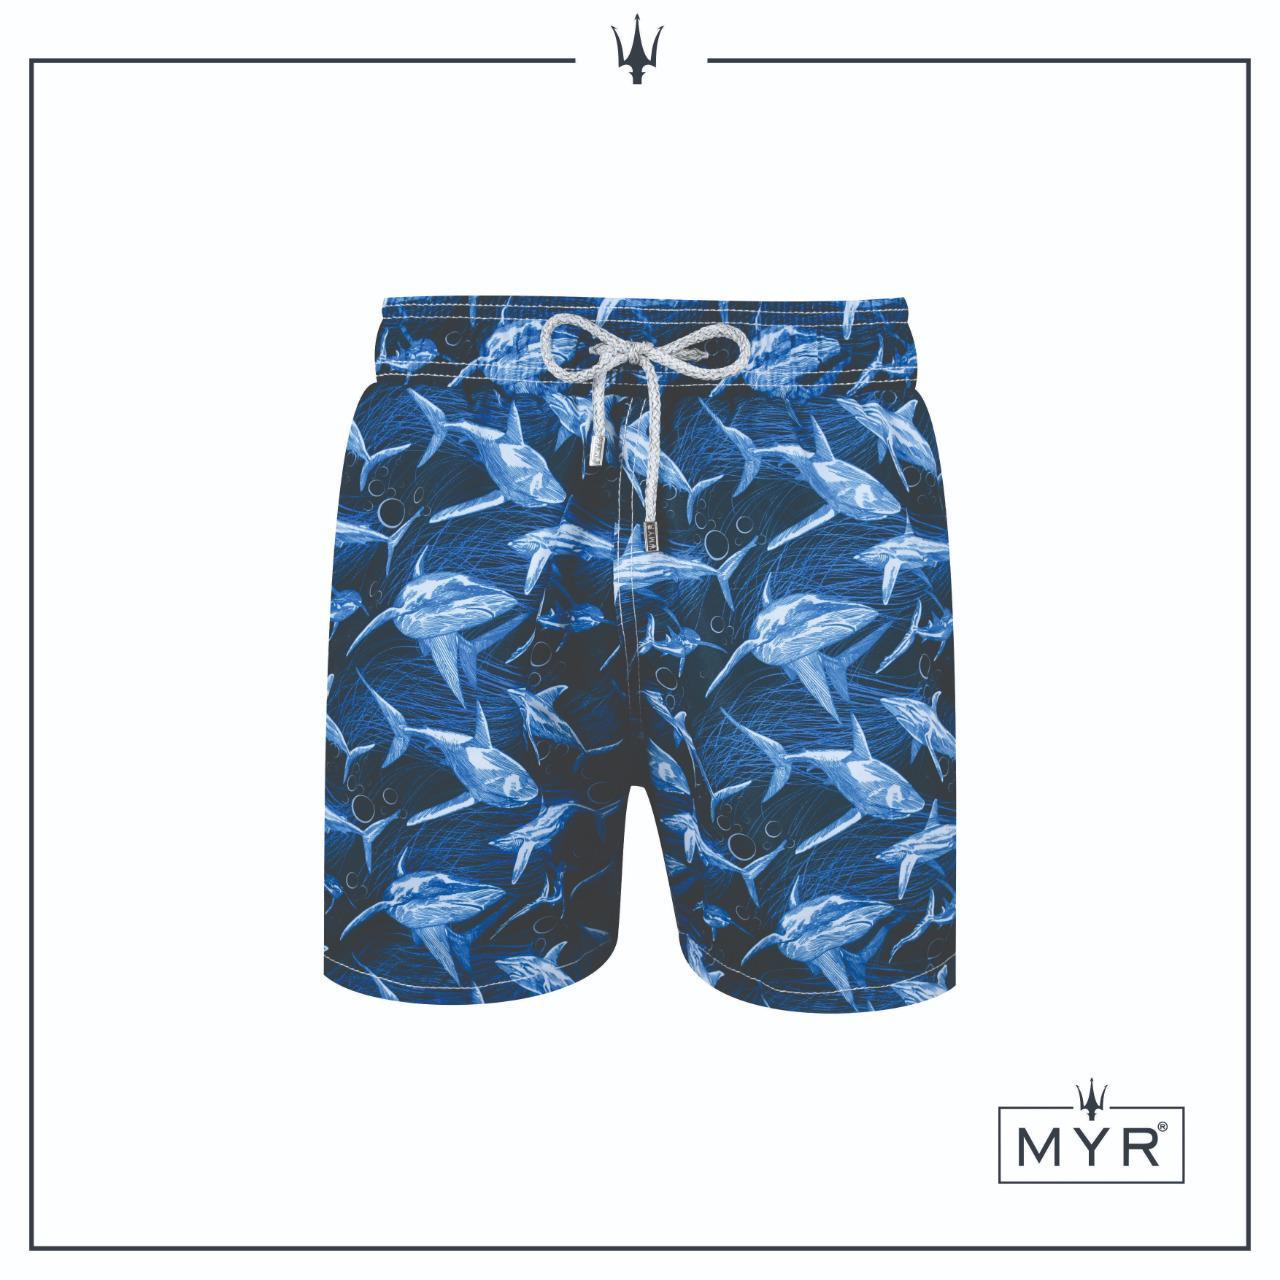 Short Masculino Myr Poliéster Estampado - Blue Shark